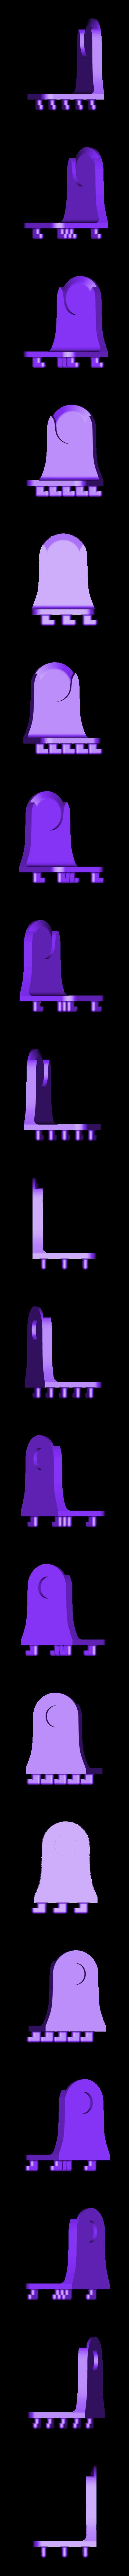 Right_Pegboard_Holder_V1.stl Télécharger fichier STL gratuit Porte-serviettes en papier GRAB et GO. (Pour montage mural ou sur panneau IKEA !) • Design imprimable en 3D, 3DED